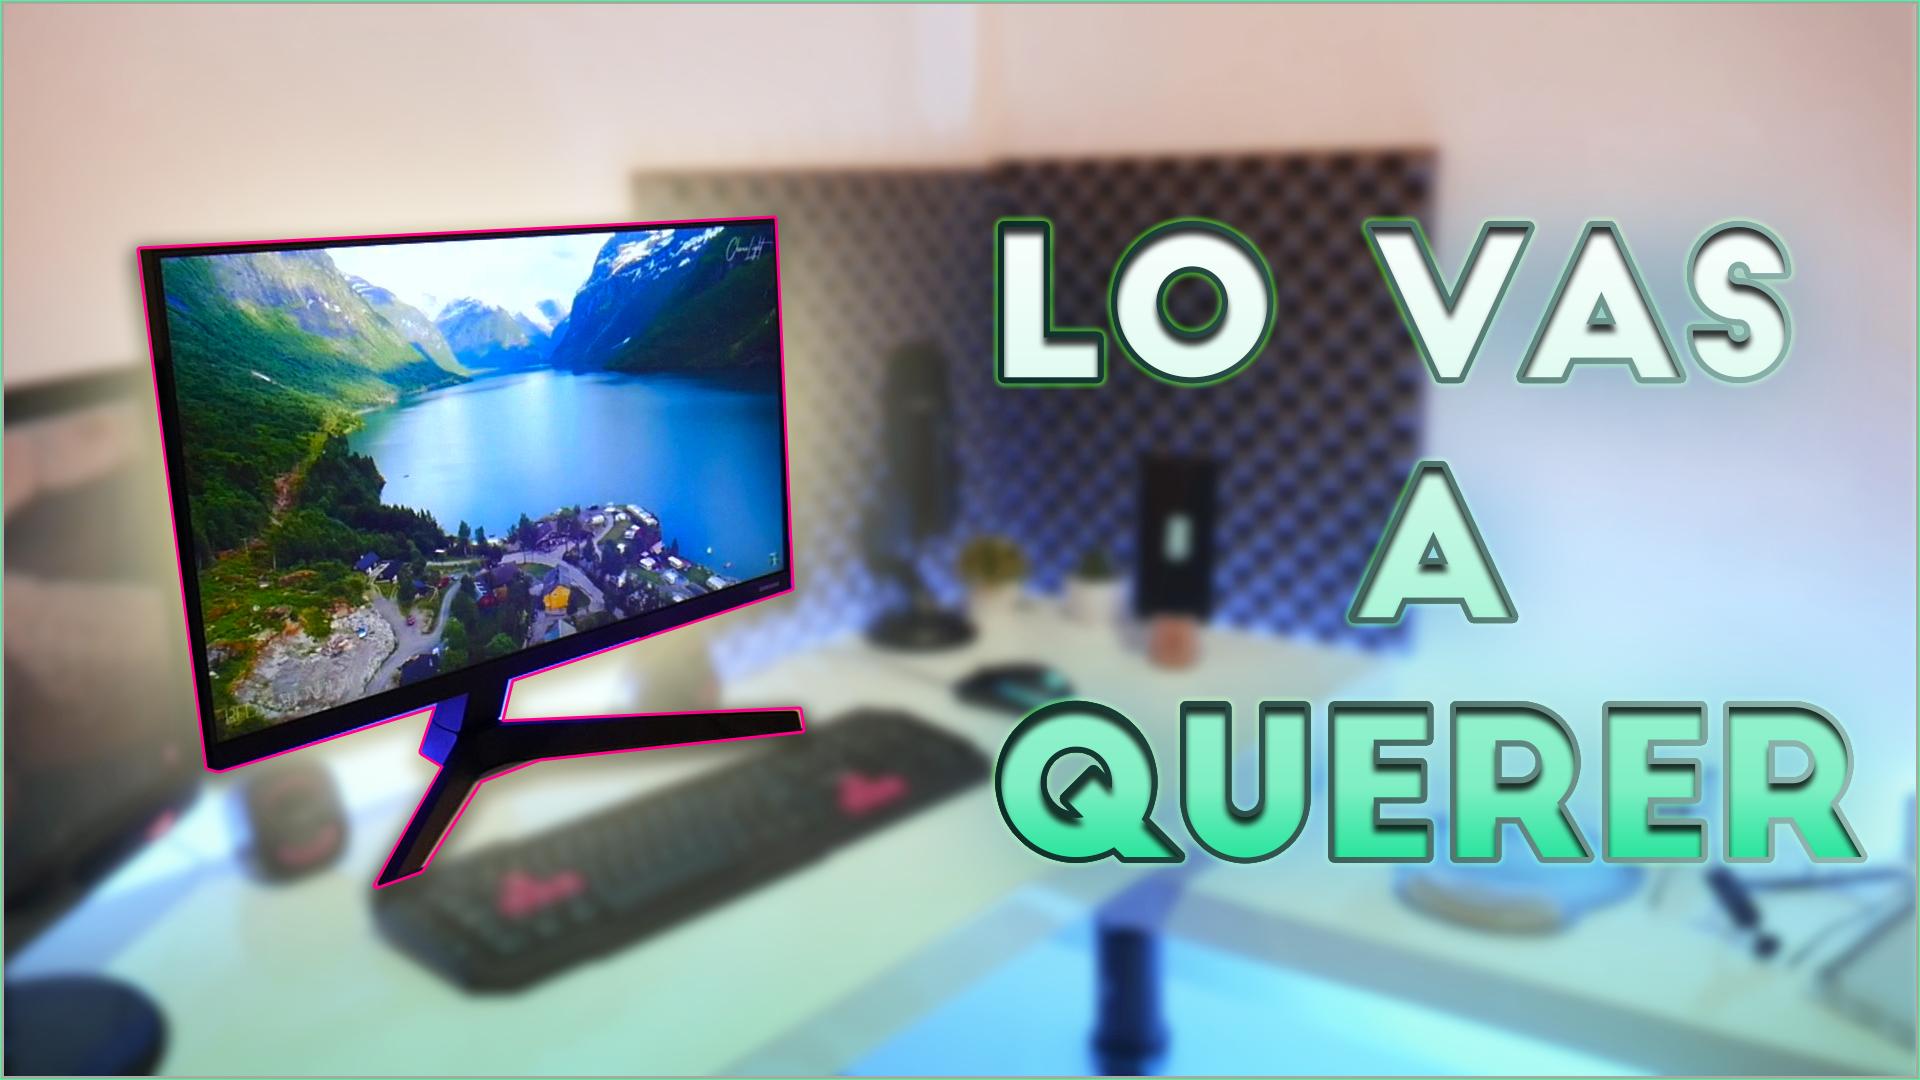 Mejor monitor gamer 75 Hz, 24», FreeSync y barato: Samsung LF24T350FH